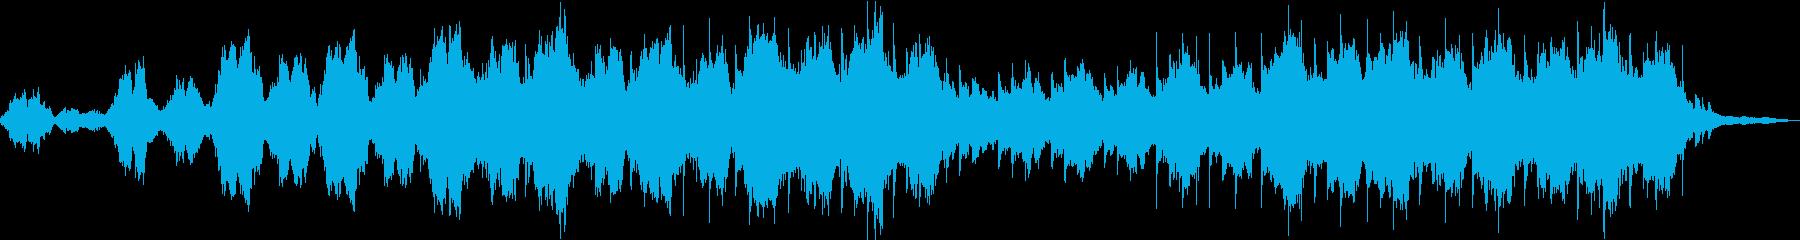 静かな壮大さを感じるストリングス曲の再生済みの波形